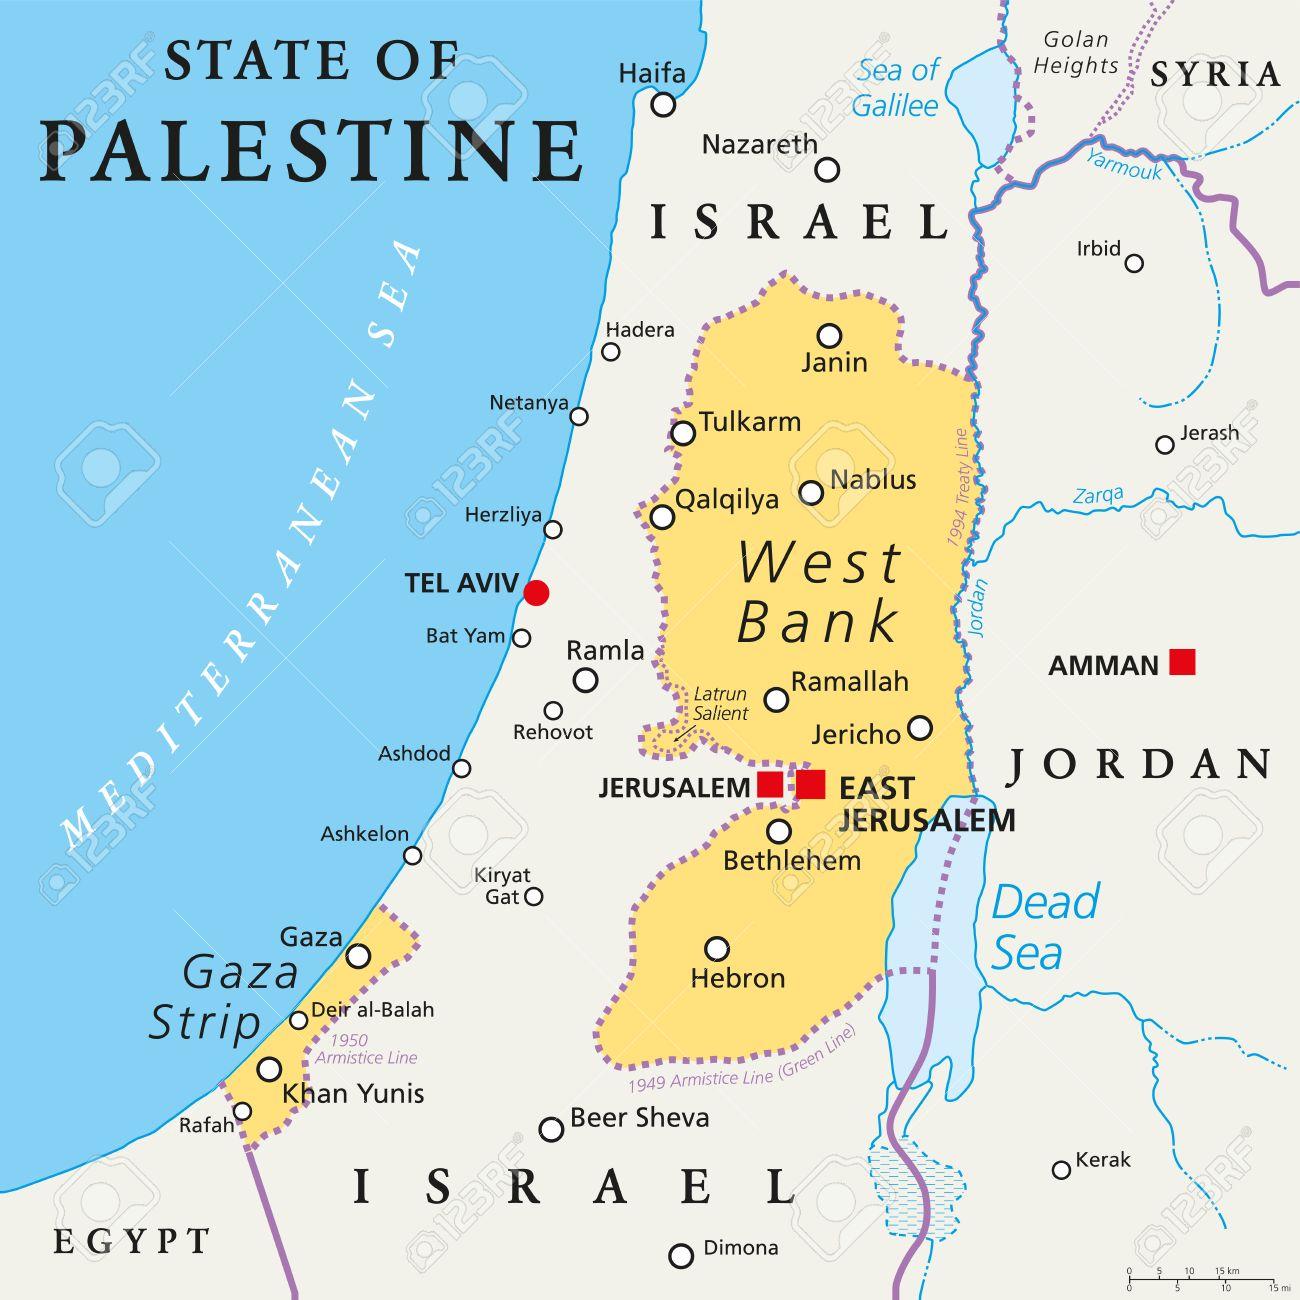 Franja De Gaza Mapa.Estado De Palestina Con El Capital Designado Jerusalen Este Reclamando Cisjordania Y La Franja De Gaza Mapa Politico Con Fronteras Y Lugares